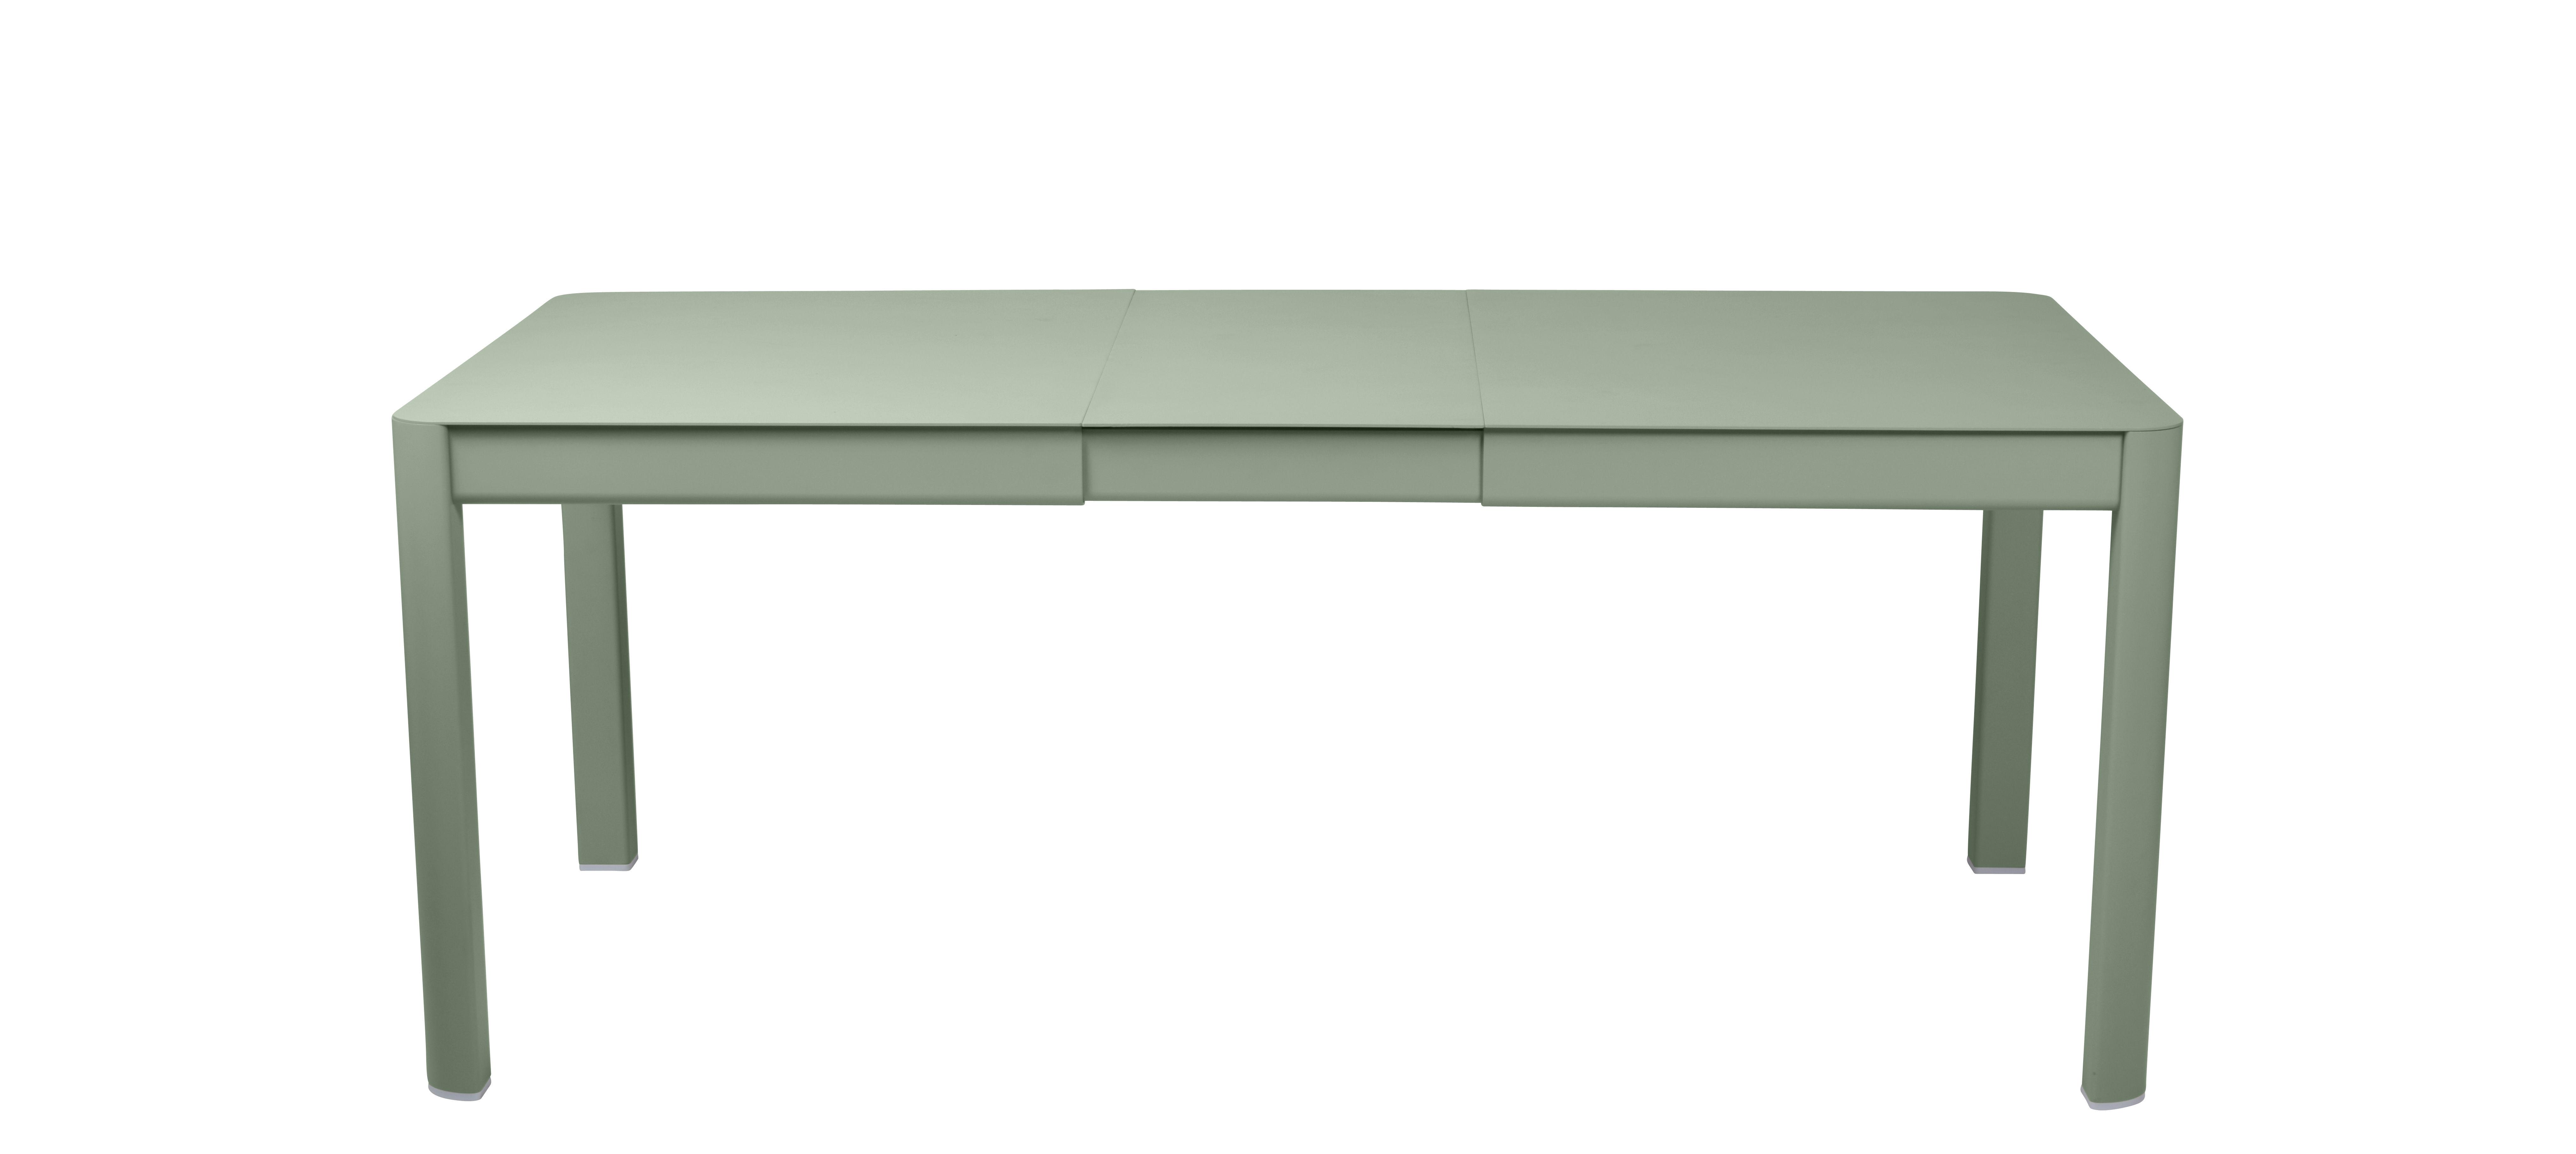 Outdoor - Tische - Ribambelle Small Ausziehtisch / L 149 bis 191 cm - für 6 bis 8 Personen - Fermob - Kaktus - Aluminium